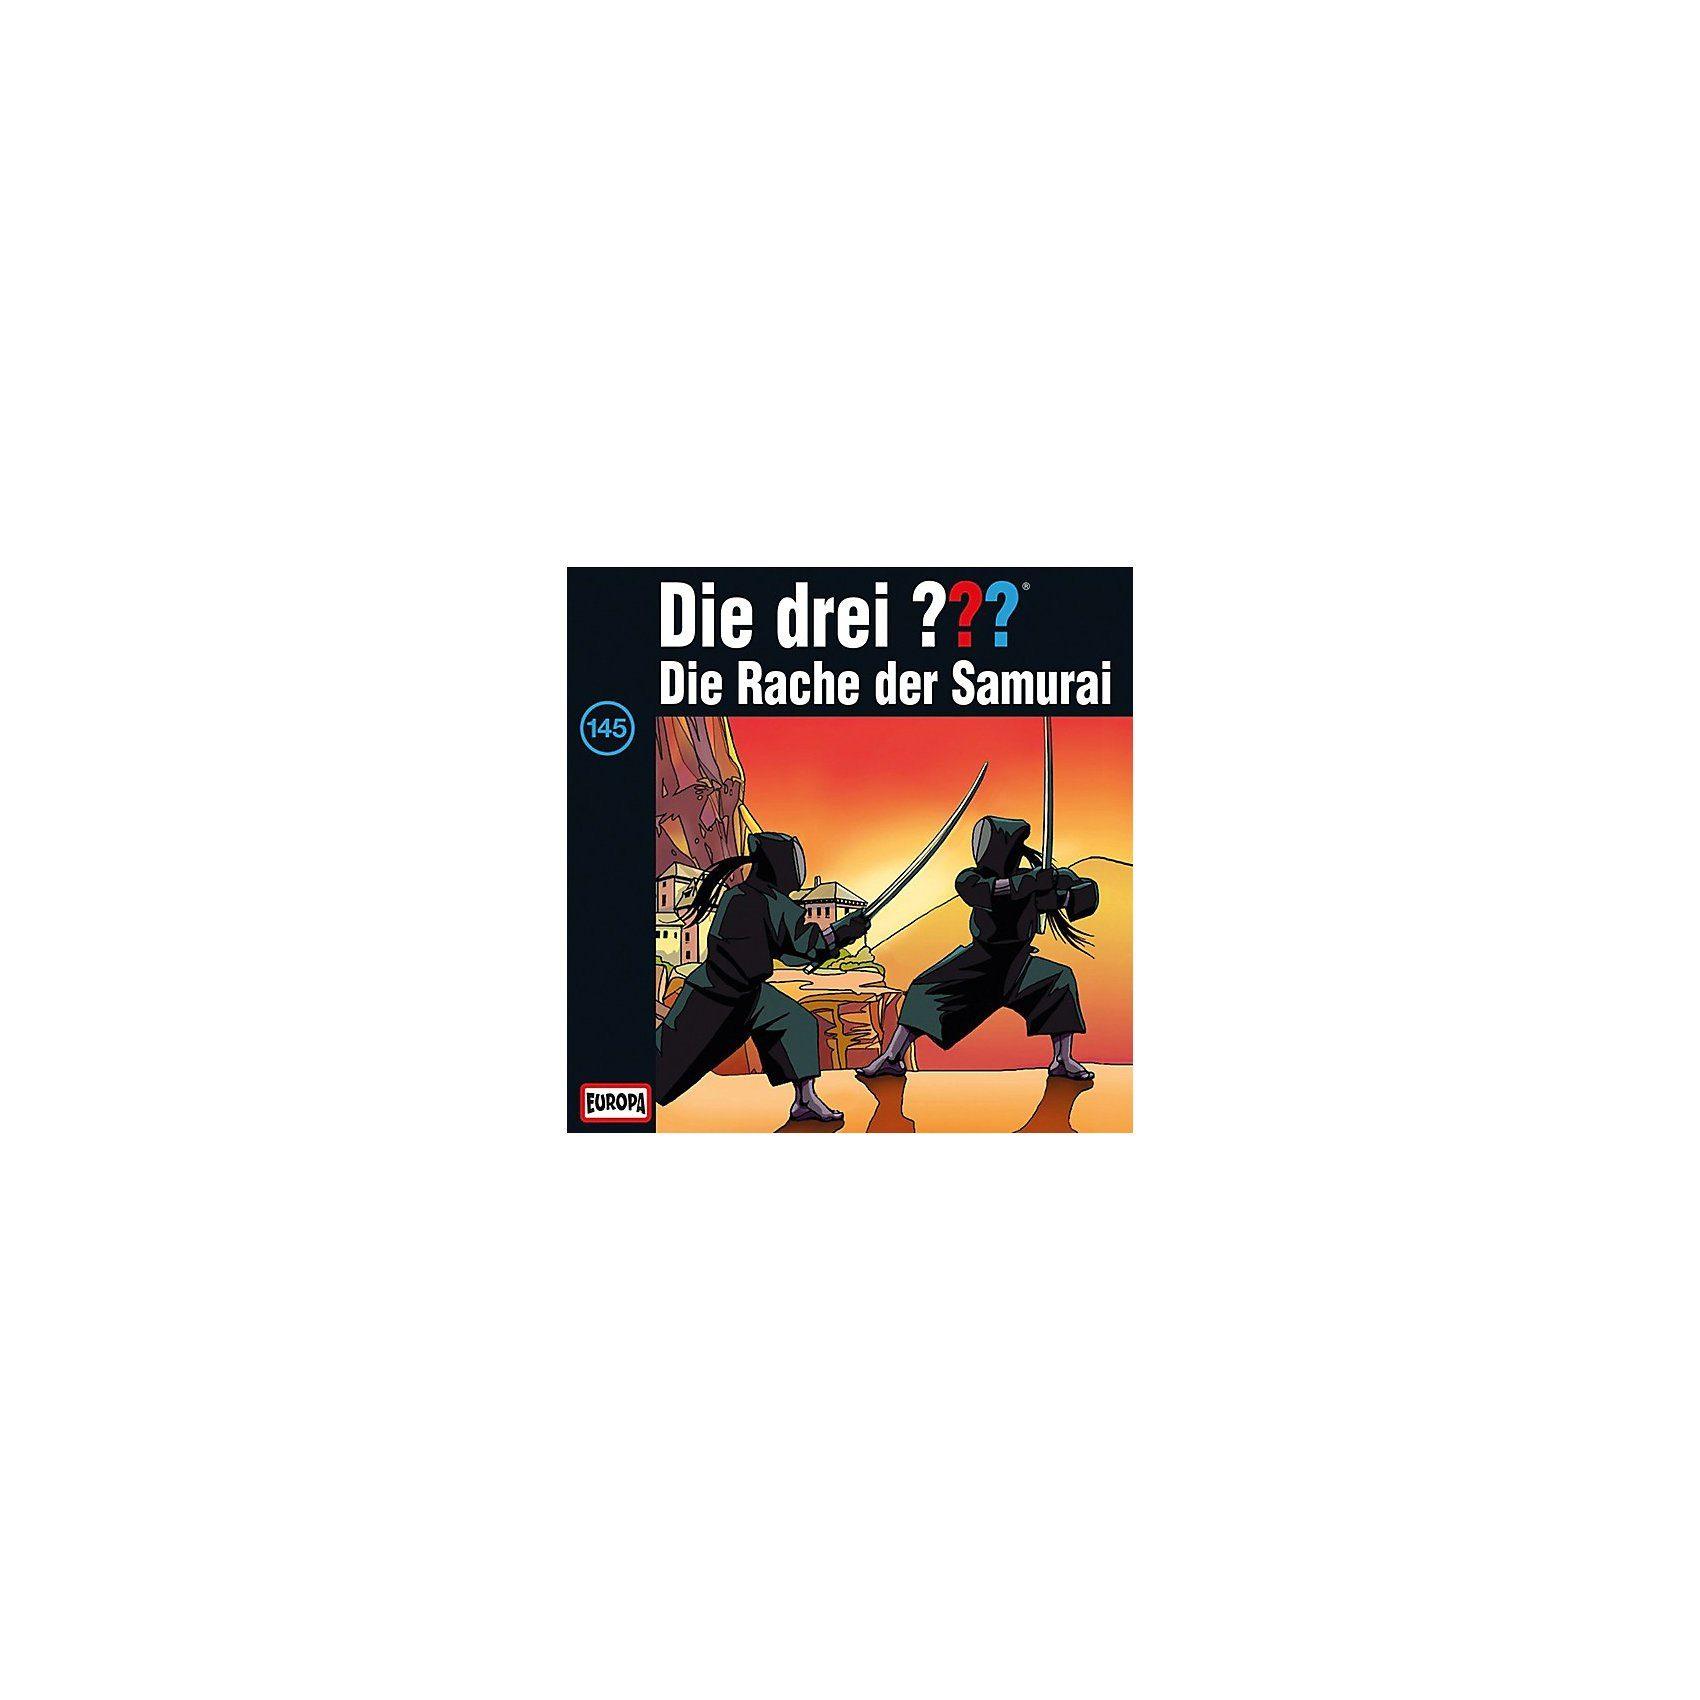 SONY BMG MUSIC CD Die Drei ??? 145 - Die Rache der Samurai